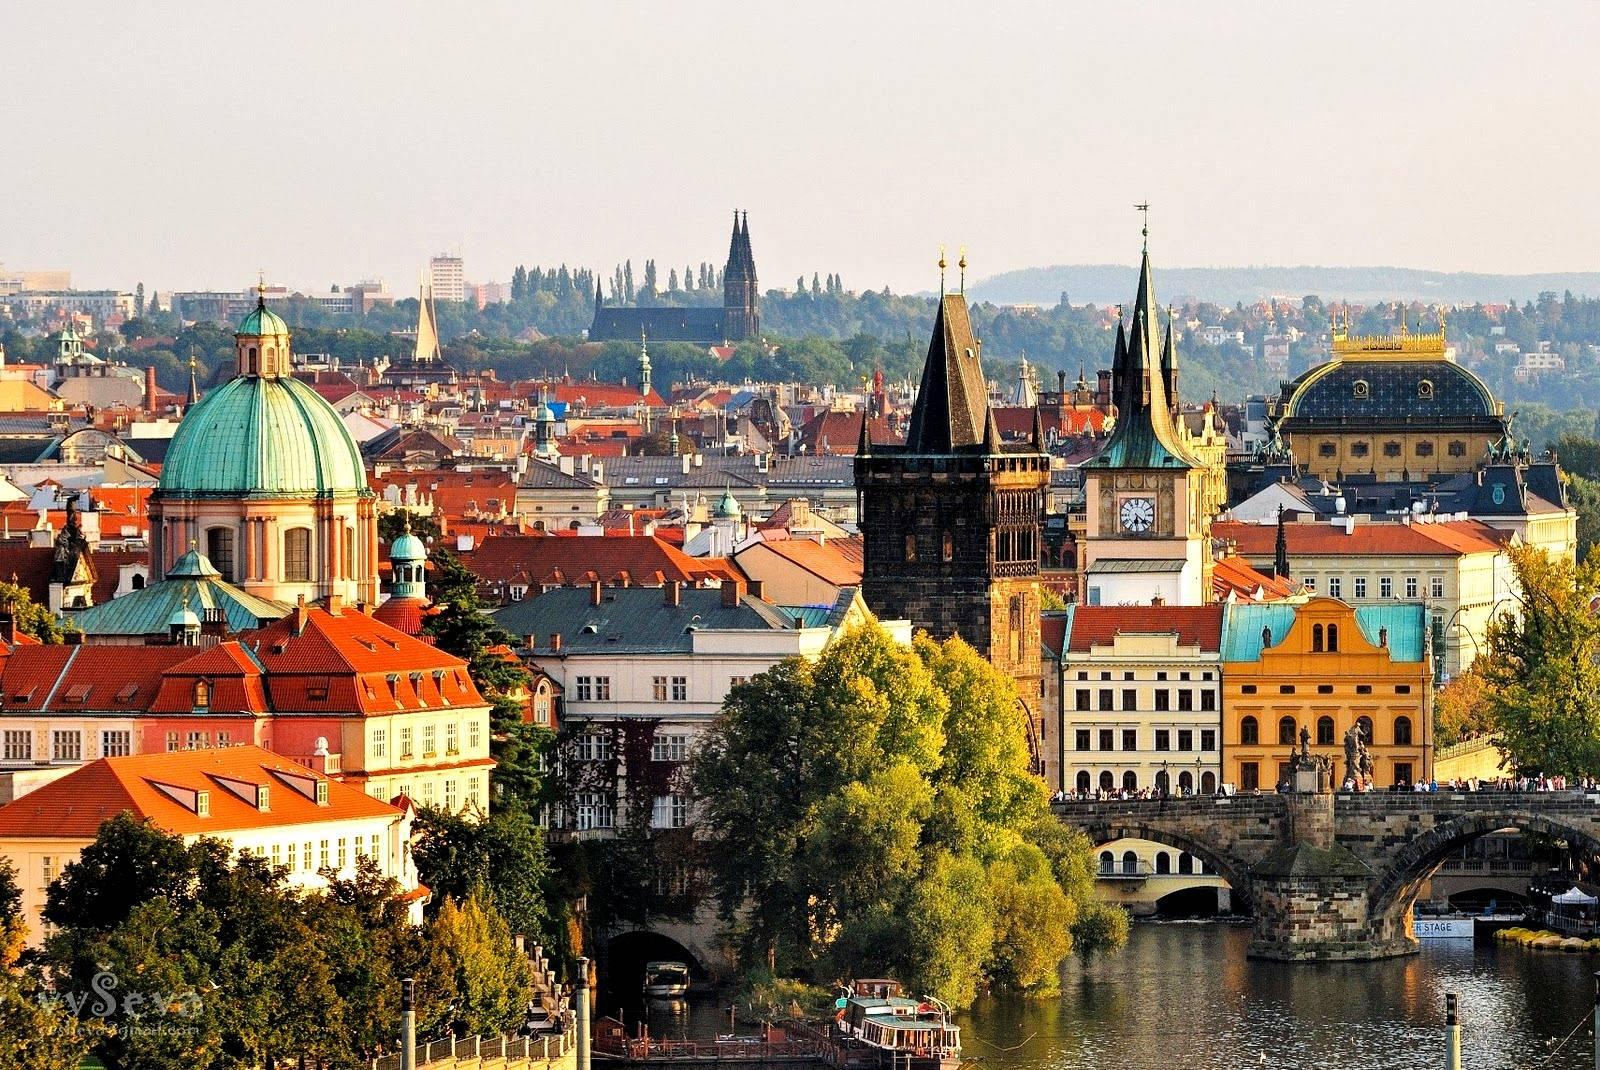 Как добраться из мюнхена в кёльн: поезд, автобус, самолет, машина. расстояние, цены на билеты и расписание 2021 на туристер.ру